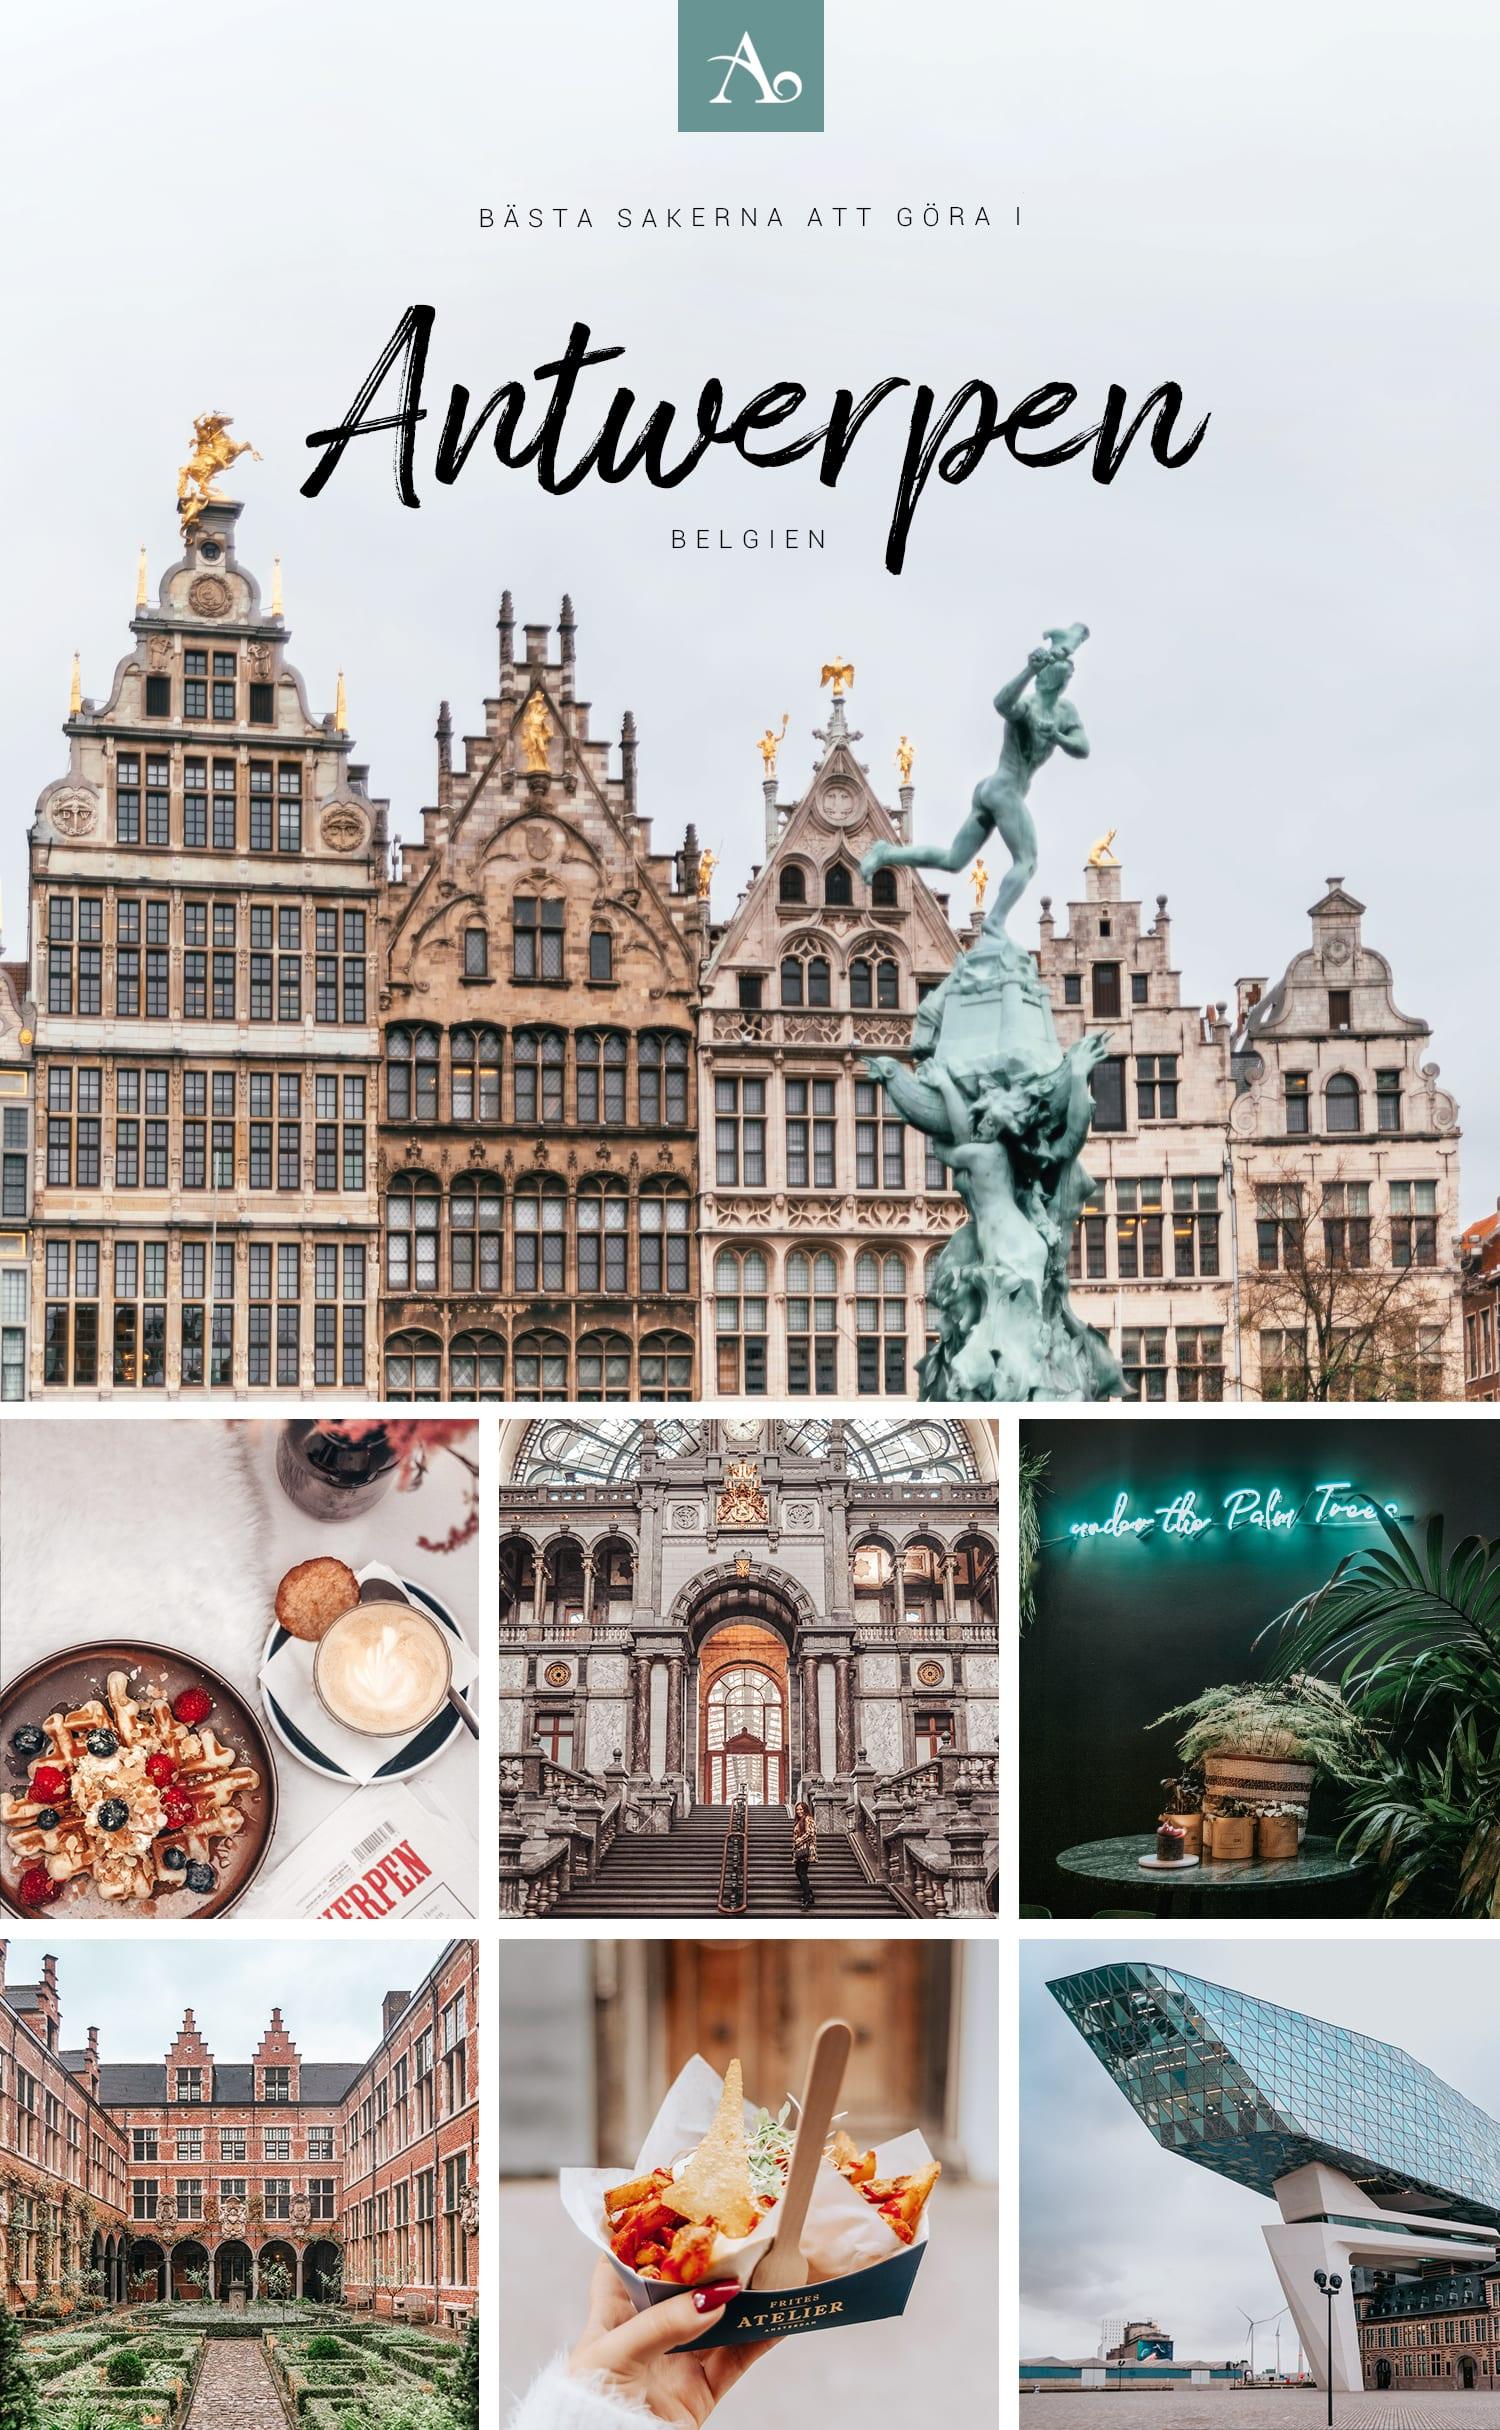 Saker att göra i Antwerpen, Belgien